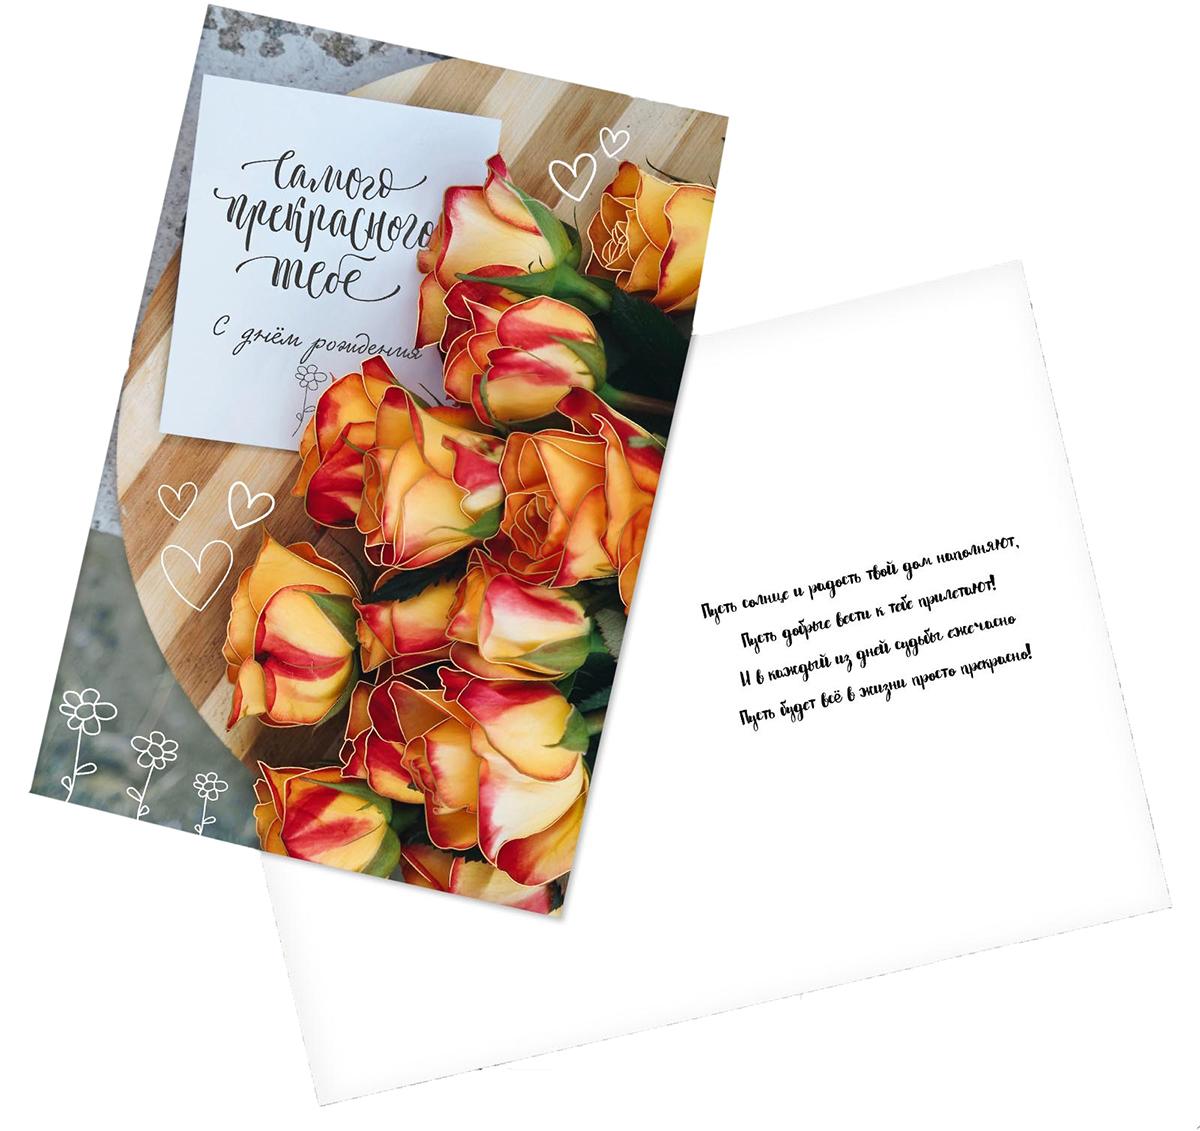 Открытка Дарите Счастье С днем рождения. Букет из роз, с тиснением, 12 х 18 см2896115Выразить свои чувства и дополнить основной подарок тёплыми словами вам поможет Открытка . С ней ваше пожелание «Счастья, любви и здоровья» приобретёт трепетный и душевный подтекст. А воспоминания о праздничном дне ещё долго будут радовать адресата.Среди нашего ассортимента печатной поздравительной продукции вы выберете открытку для любого праздника и повода.